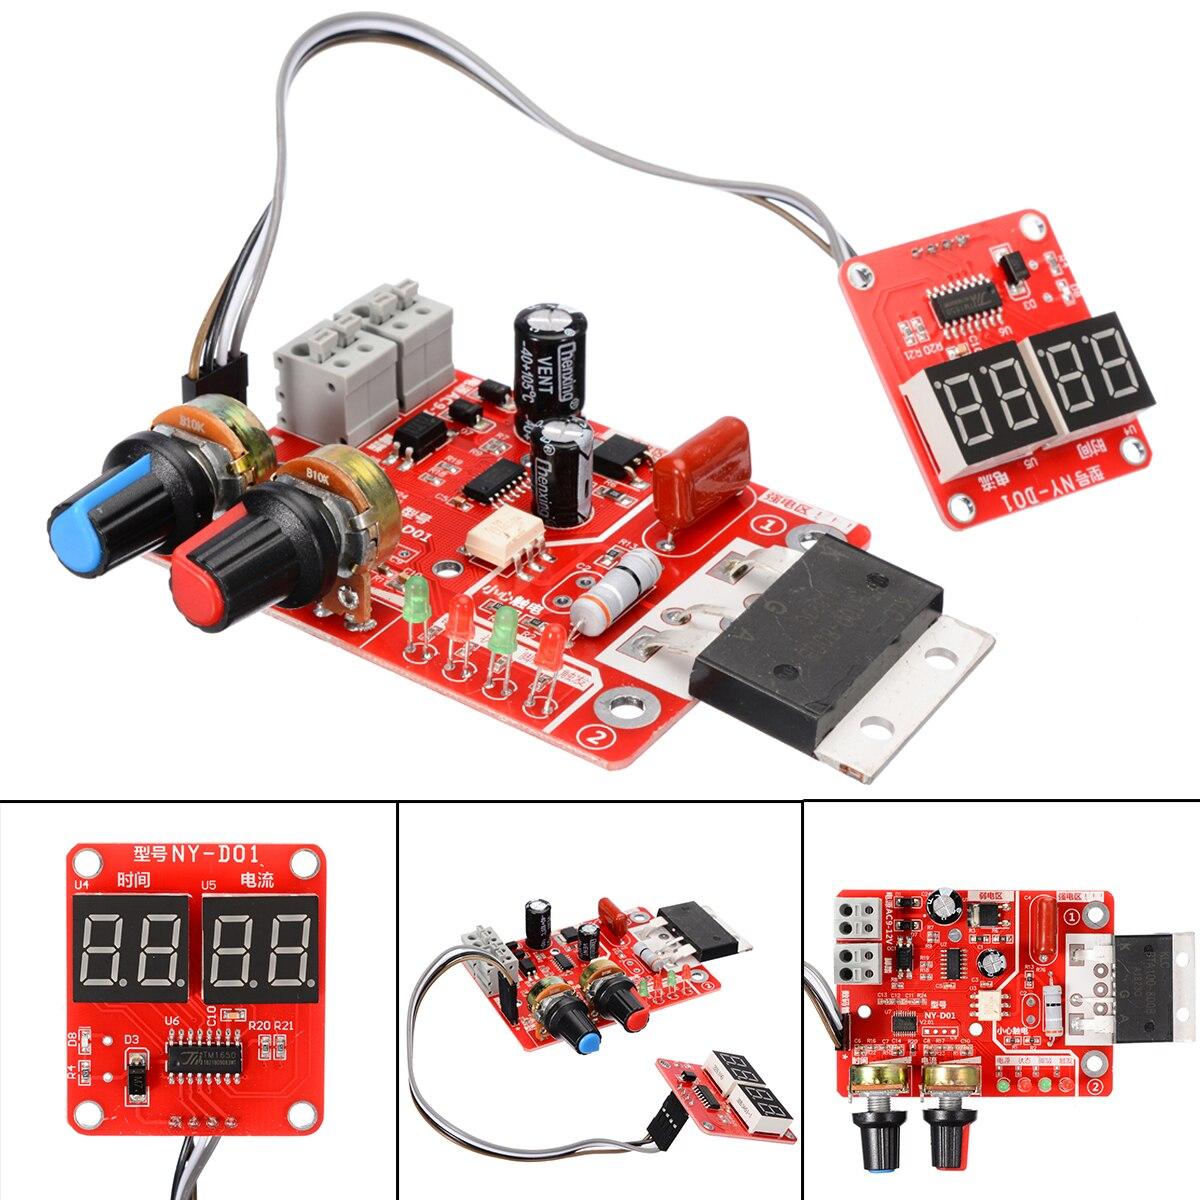 Placa de Controle Da Máquina de Solda a Ponto NY-D01 100A Solda a Ponto De Máquina do Tempo Atual Painel de Controle do Controlador Módulo Board